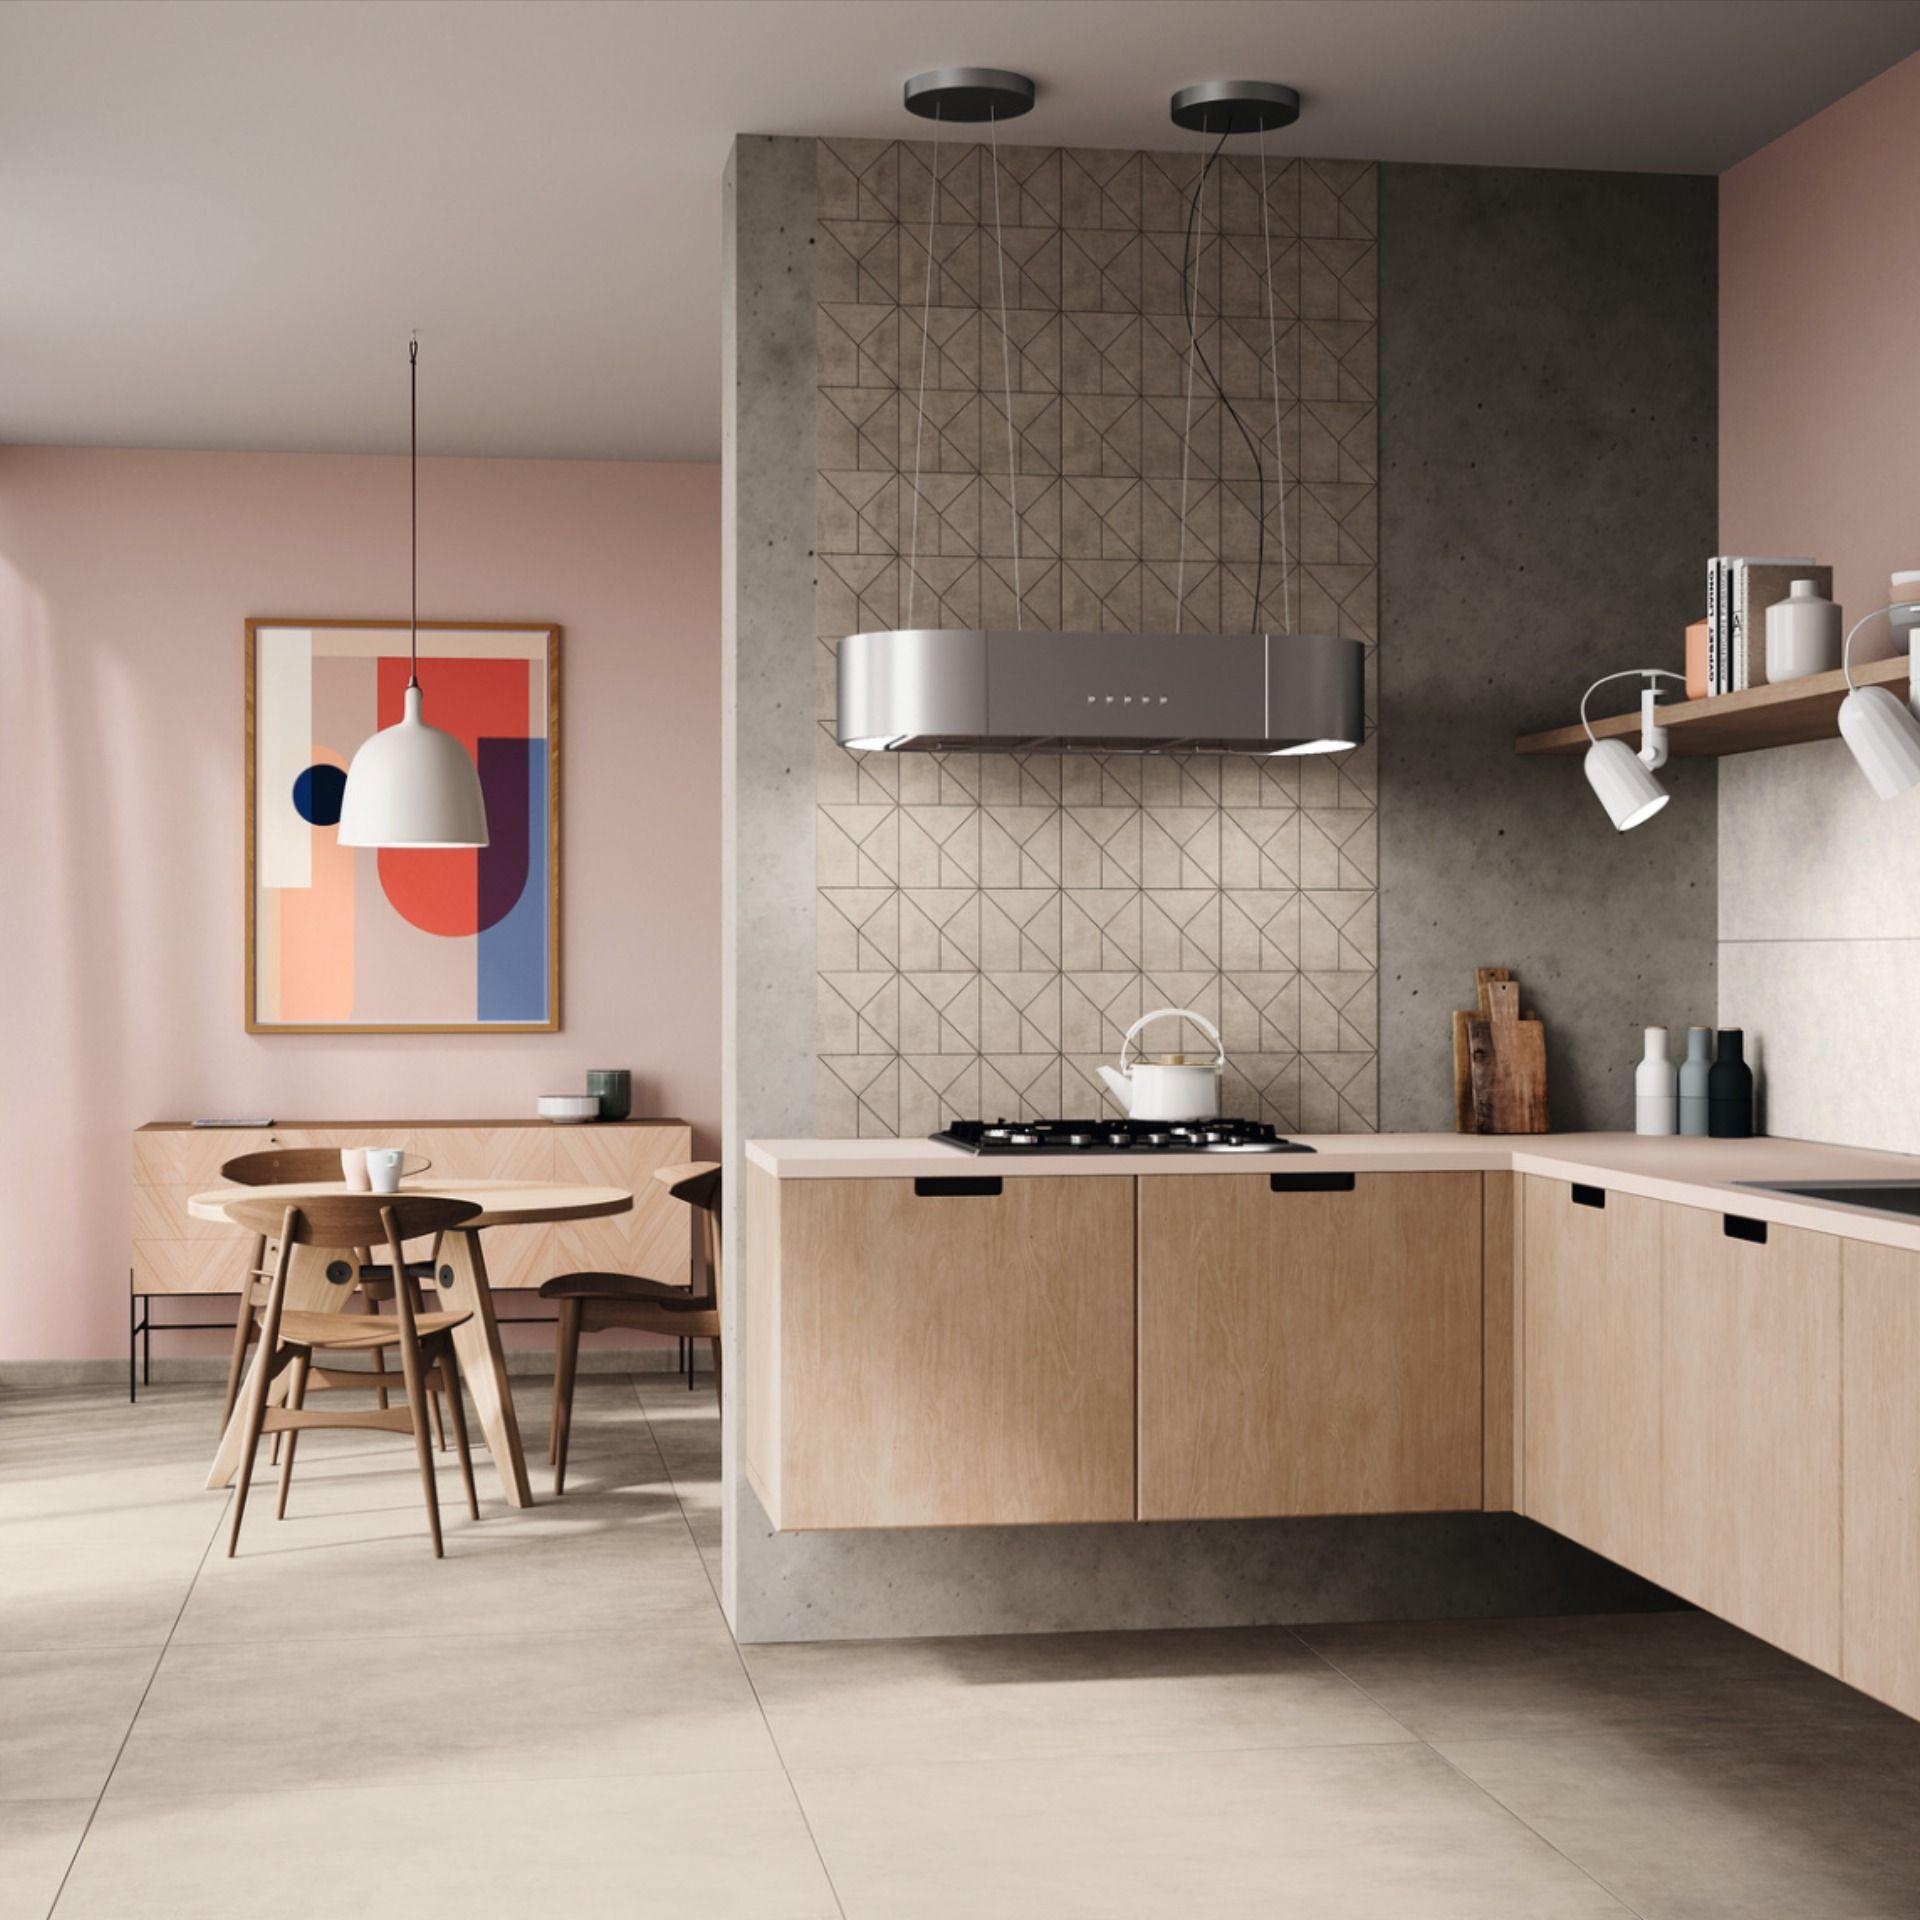 Topmoderne Kuche In Zarten Farben Mit Fliesen In Musteroptik Moderne Kuche Kuchenfliese Haus Deko